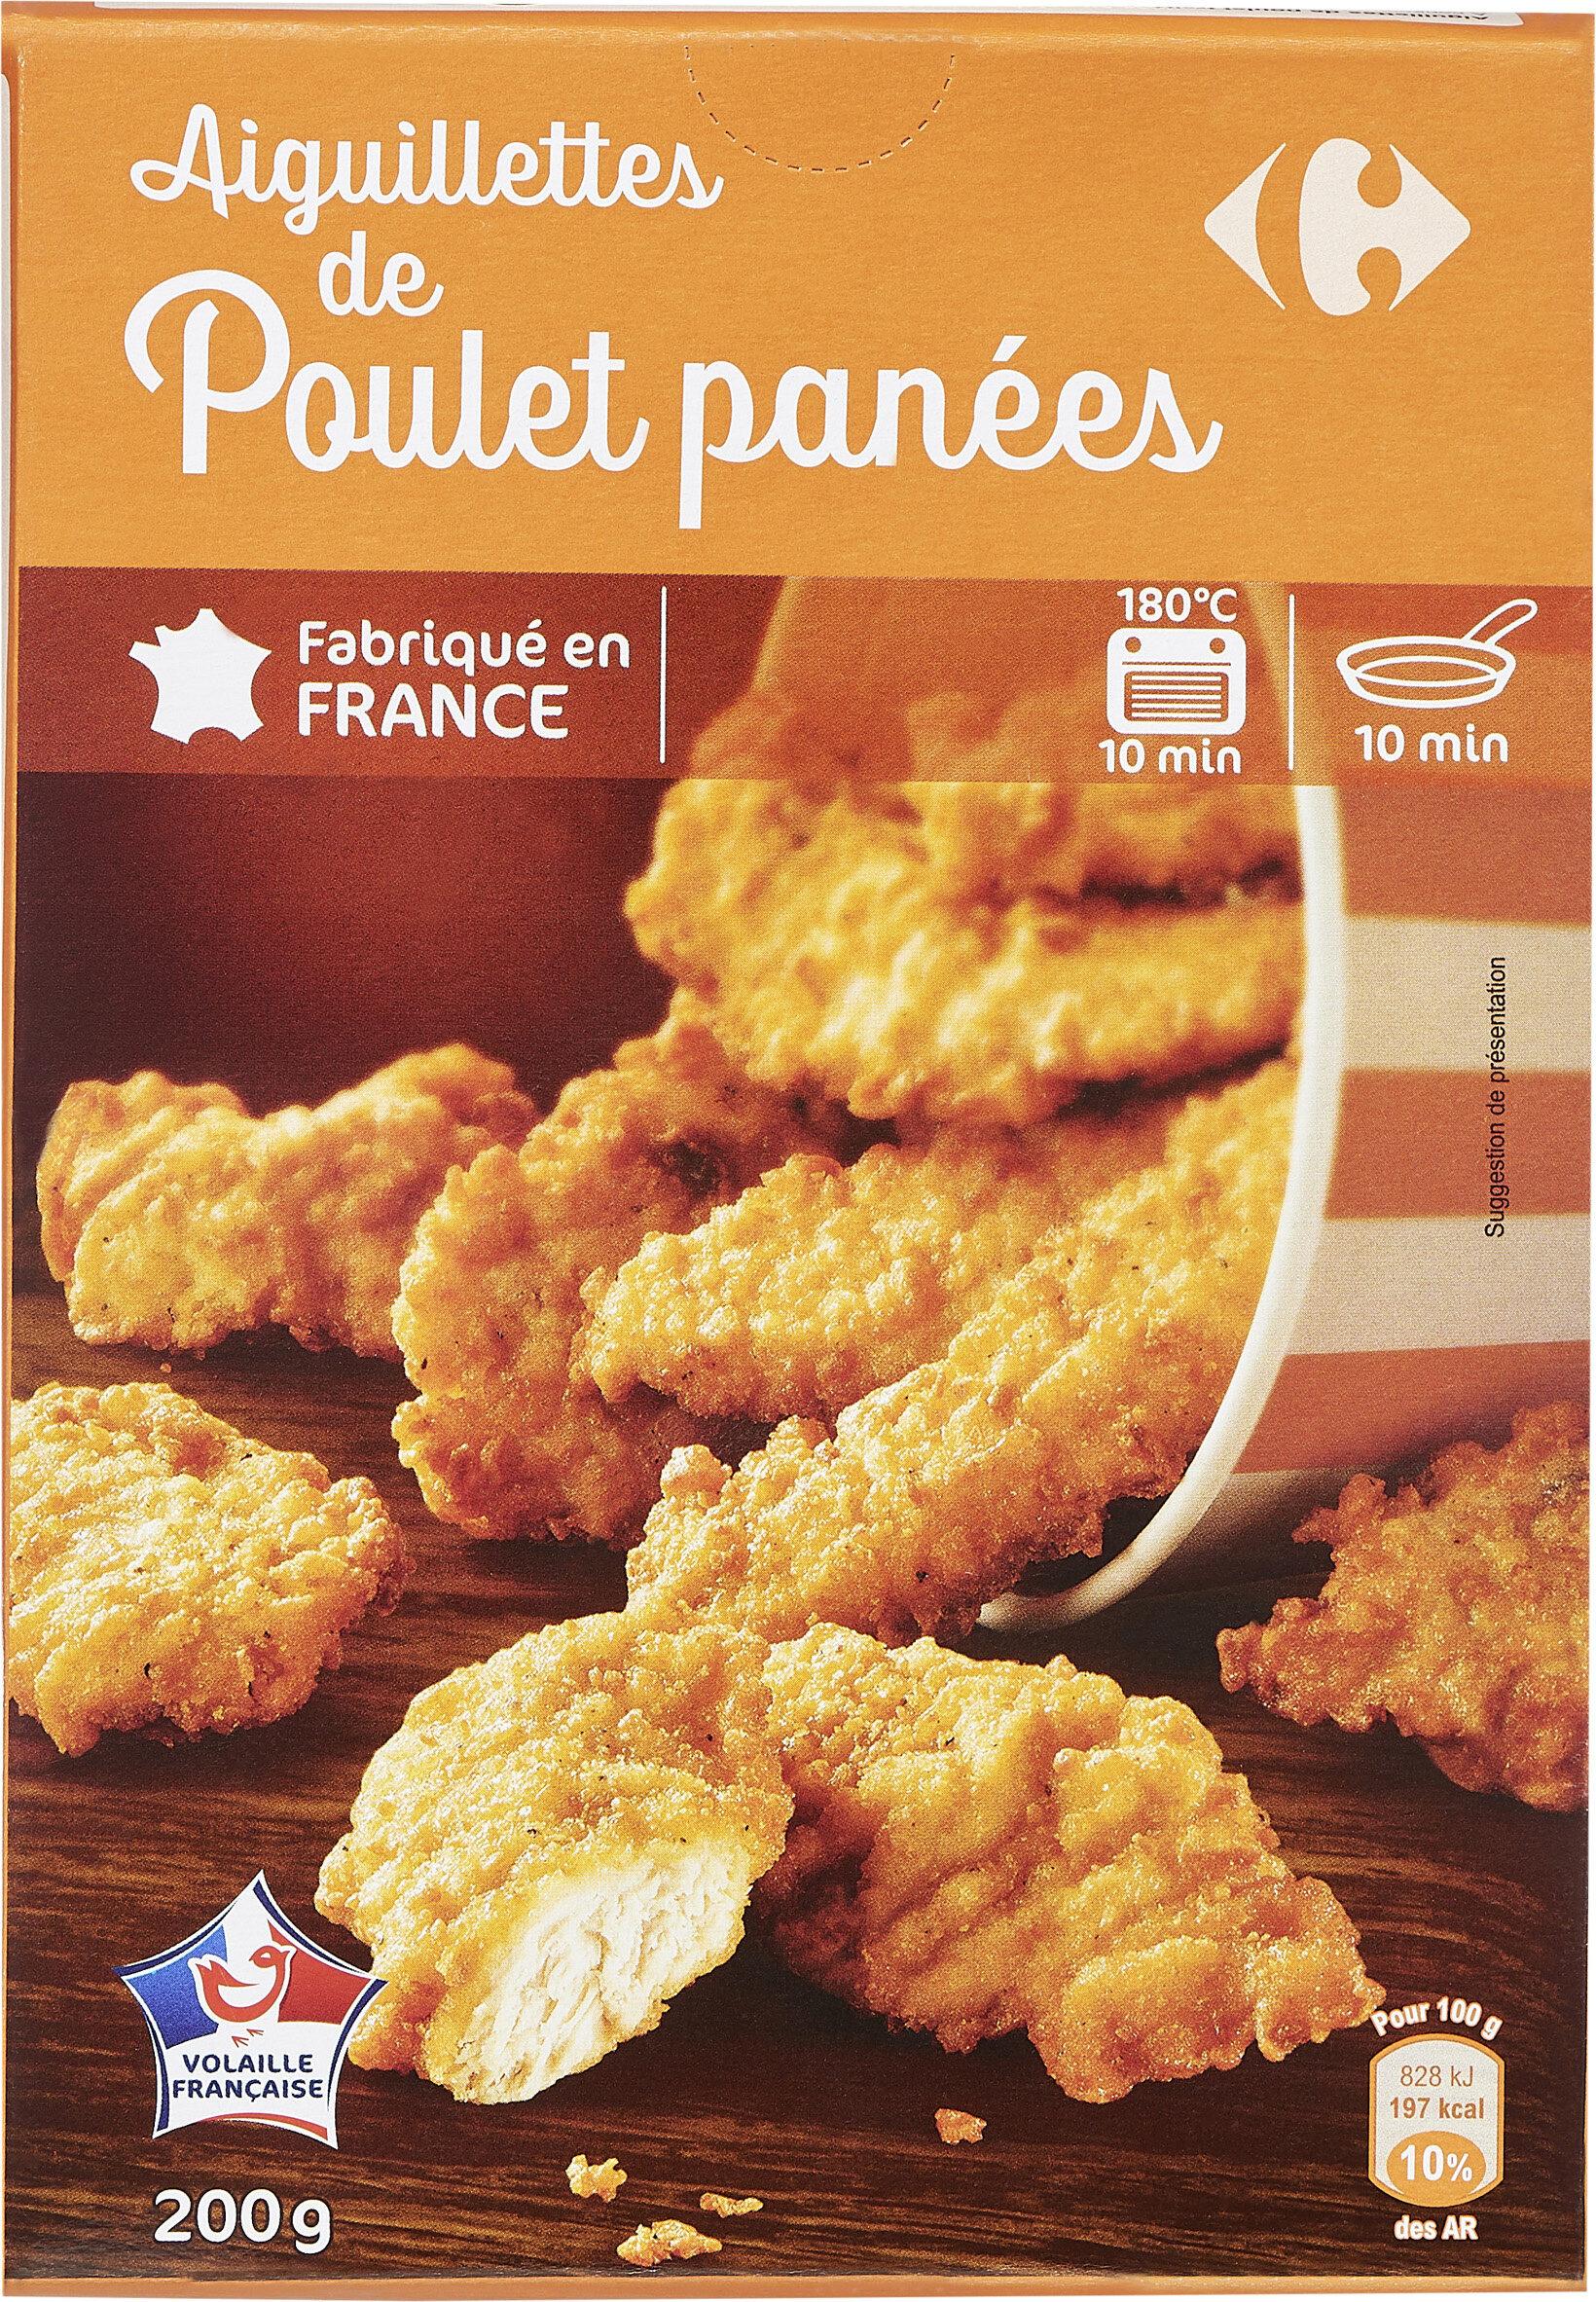 Aiguillettes de poulet panées - Produit - fr